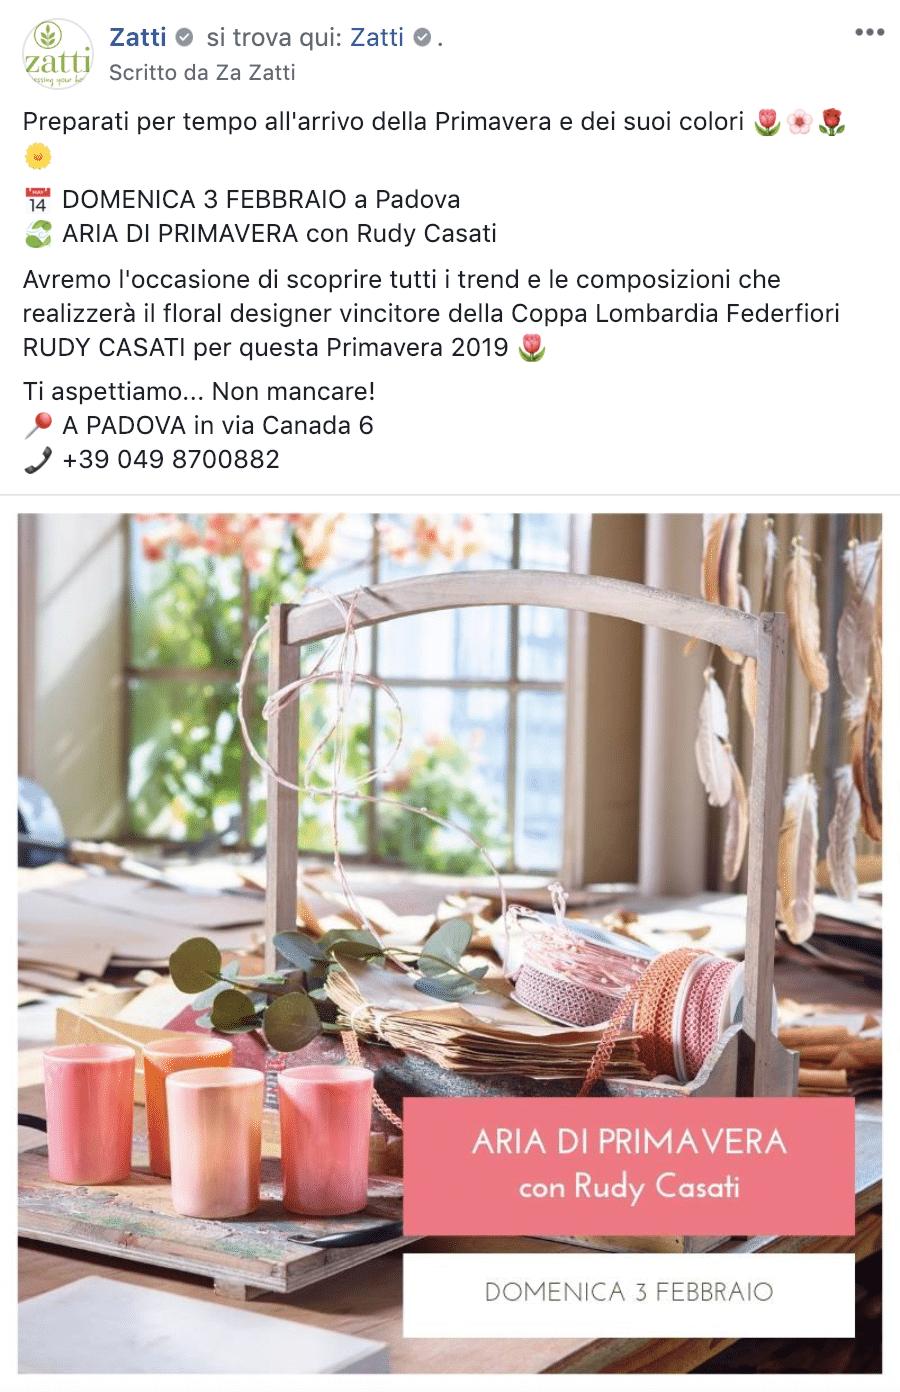 Esempio Decorazioni per l'AmbientePagina Facebook: Zatti